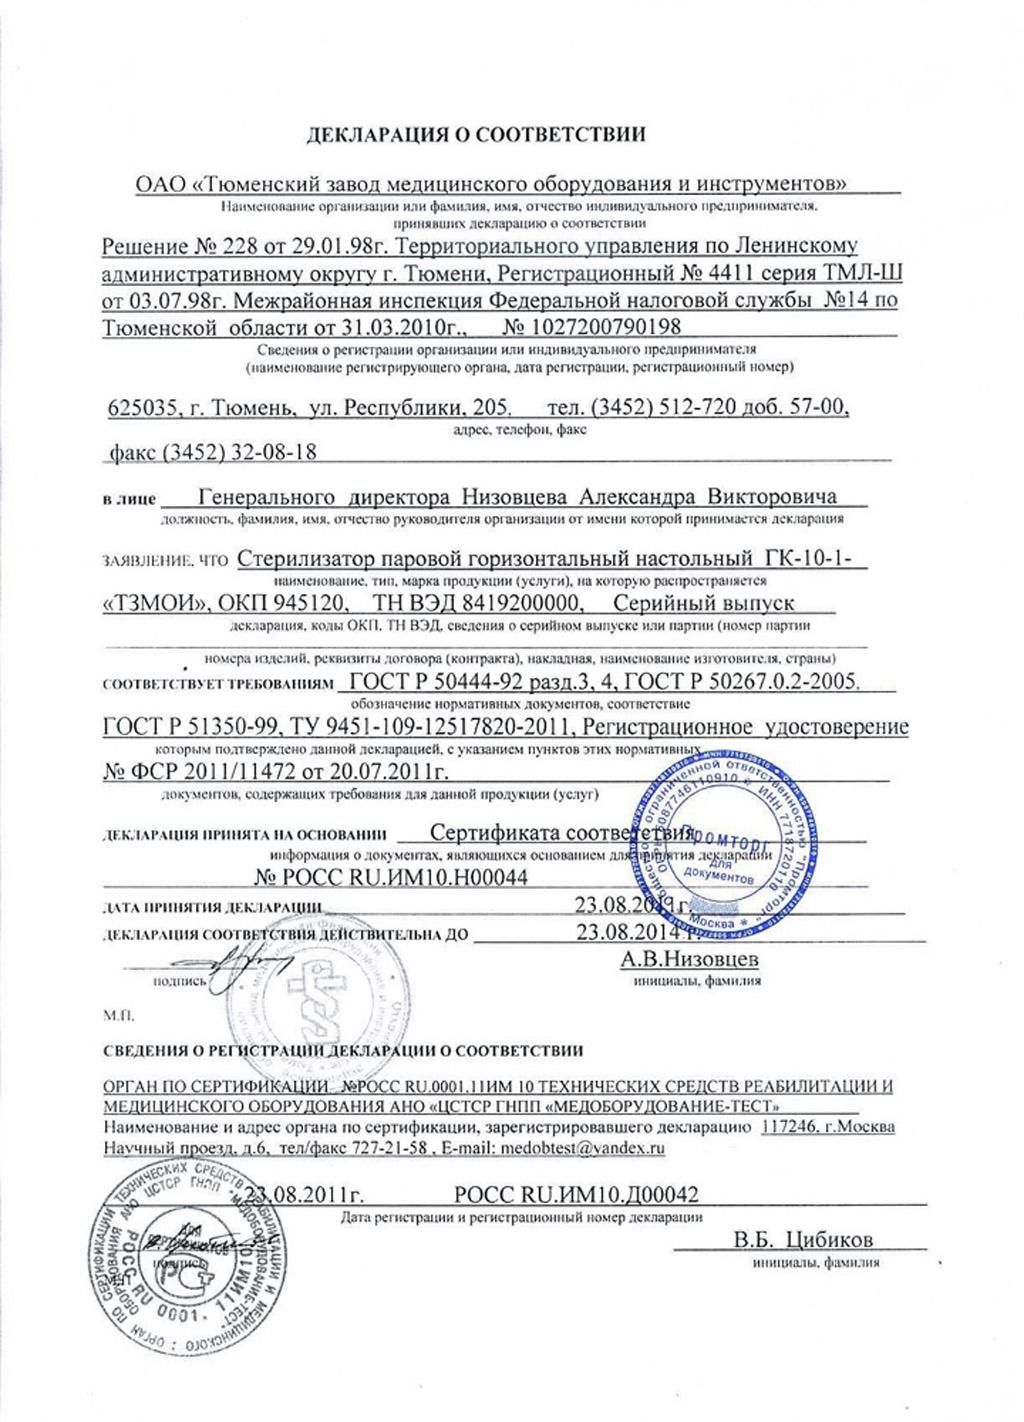 сертификат ГК-10-1 Стерилизатор паровой горизонтальный настольный